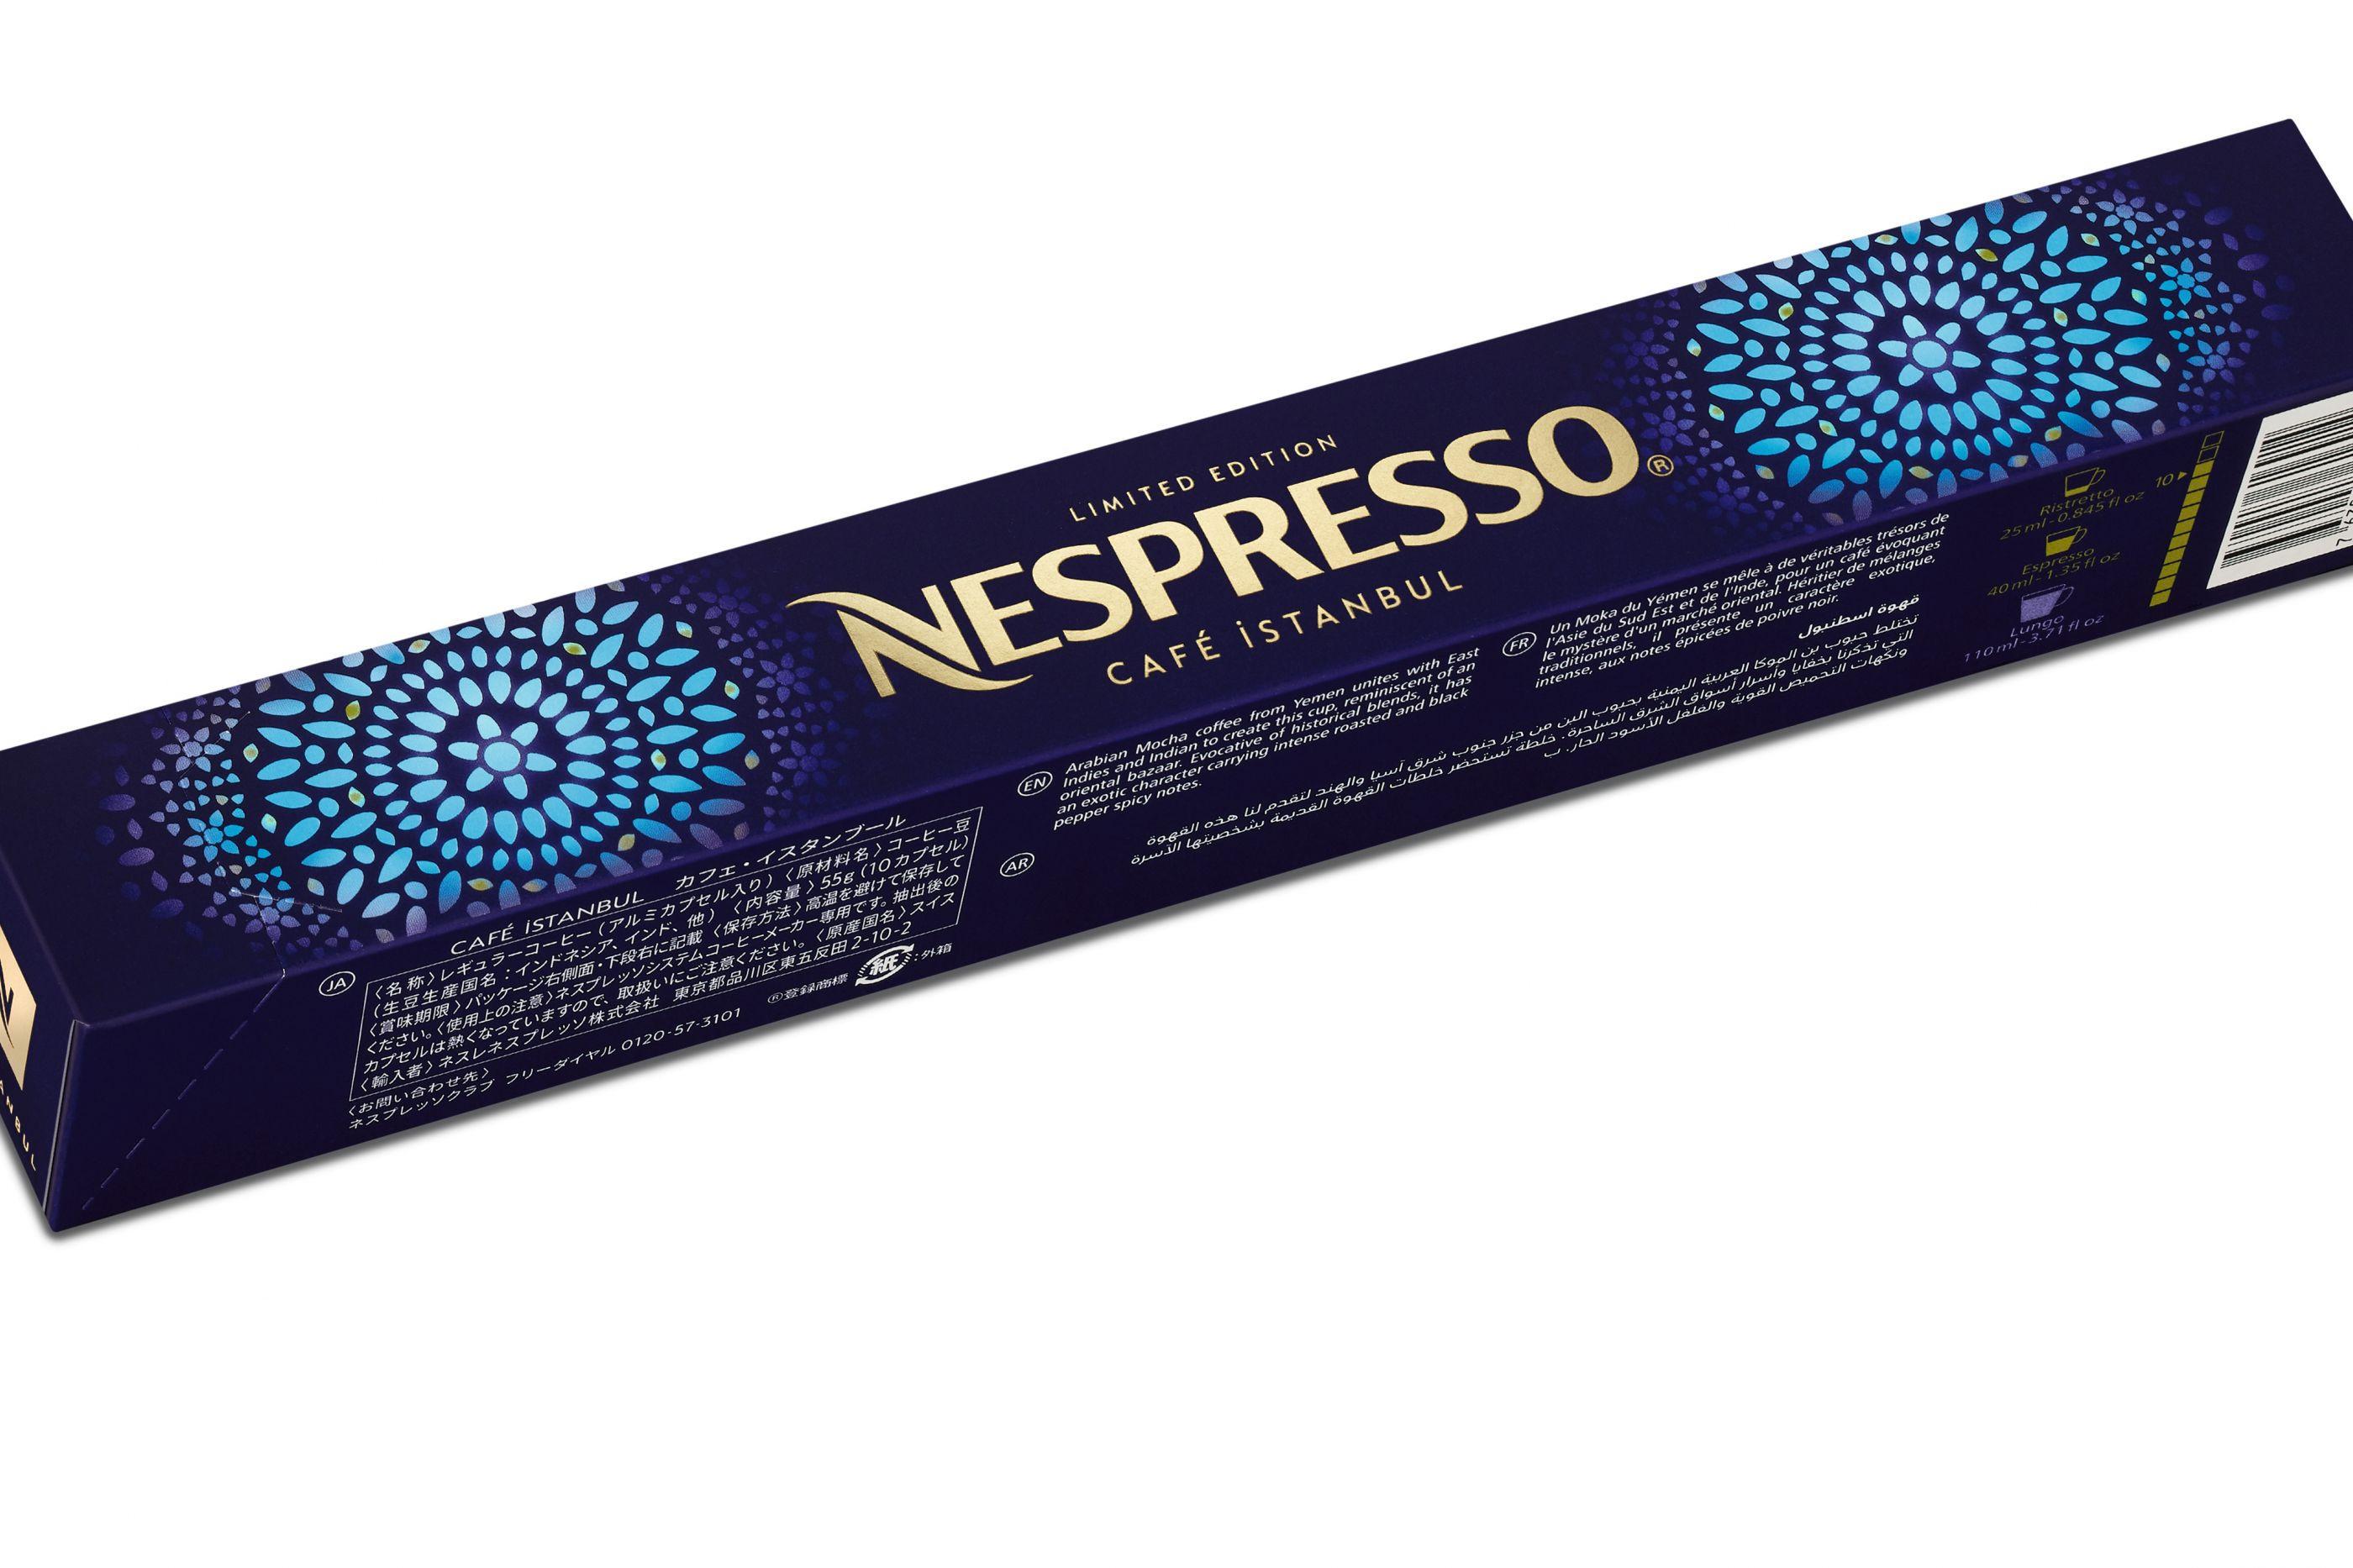 Sabores exóticos: Nespresso lança dois cafés de Edição Limitada